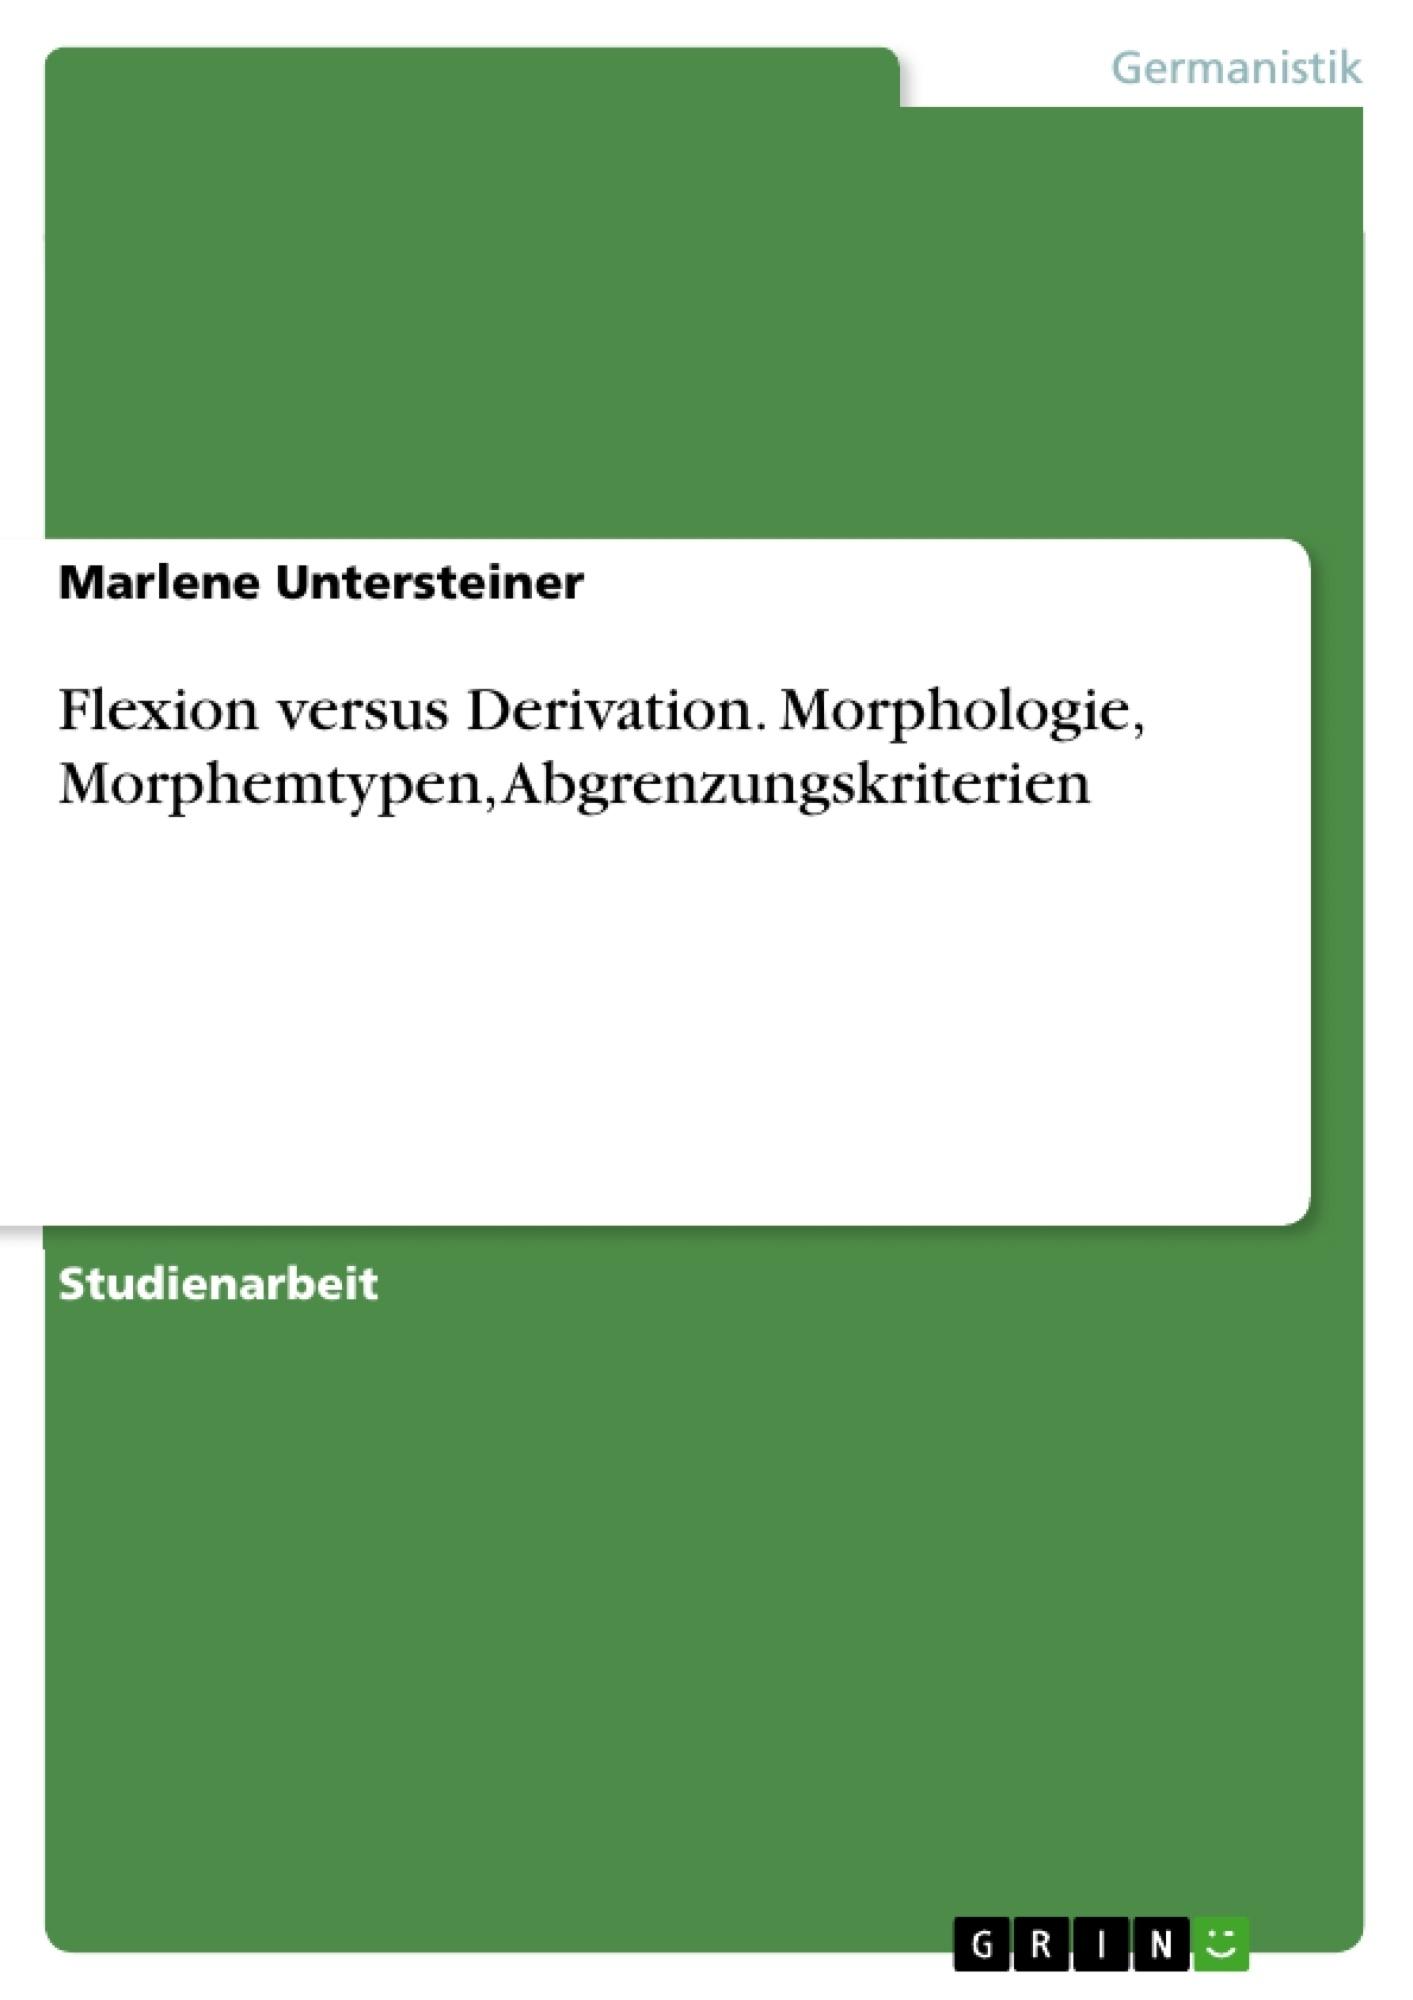 Titel: Flexion versus Derivation. Morphologie, Morphemtypen, Abgrenzungskriterien